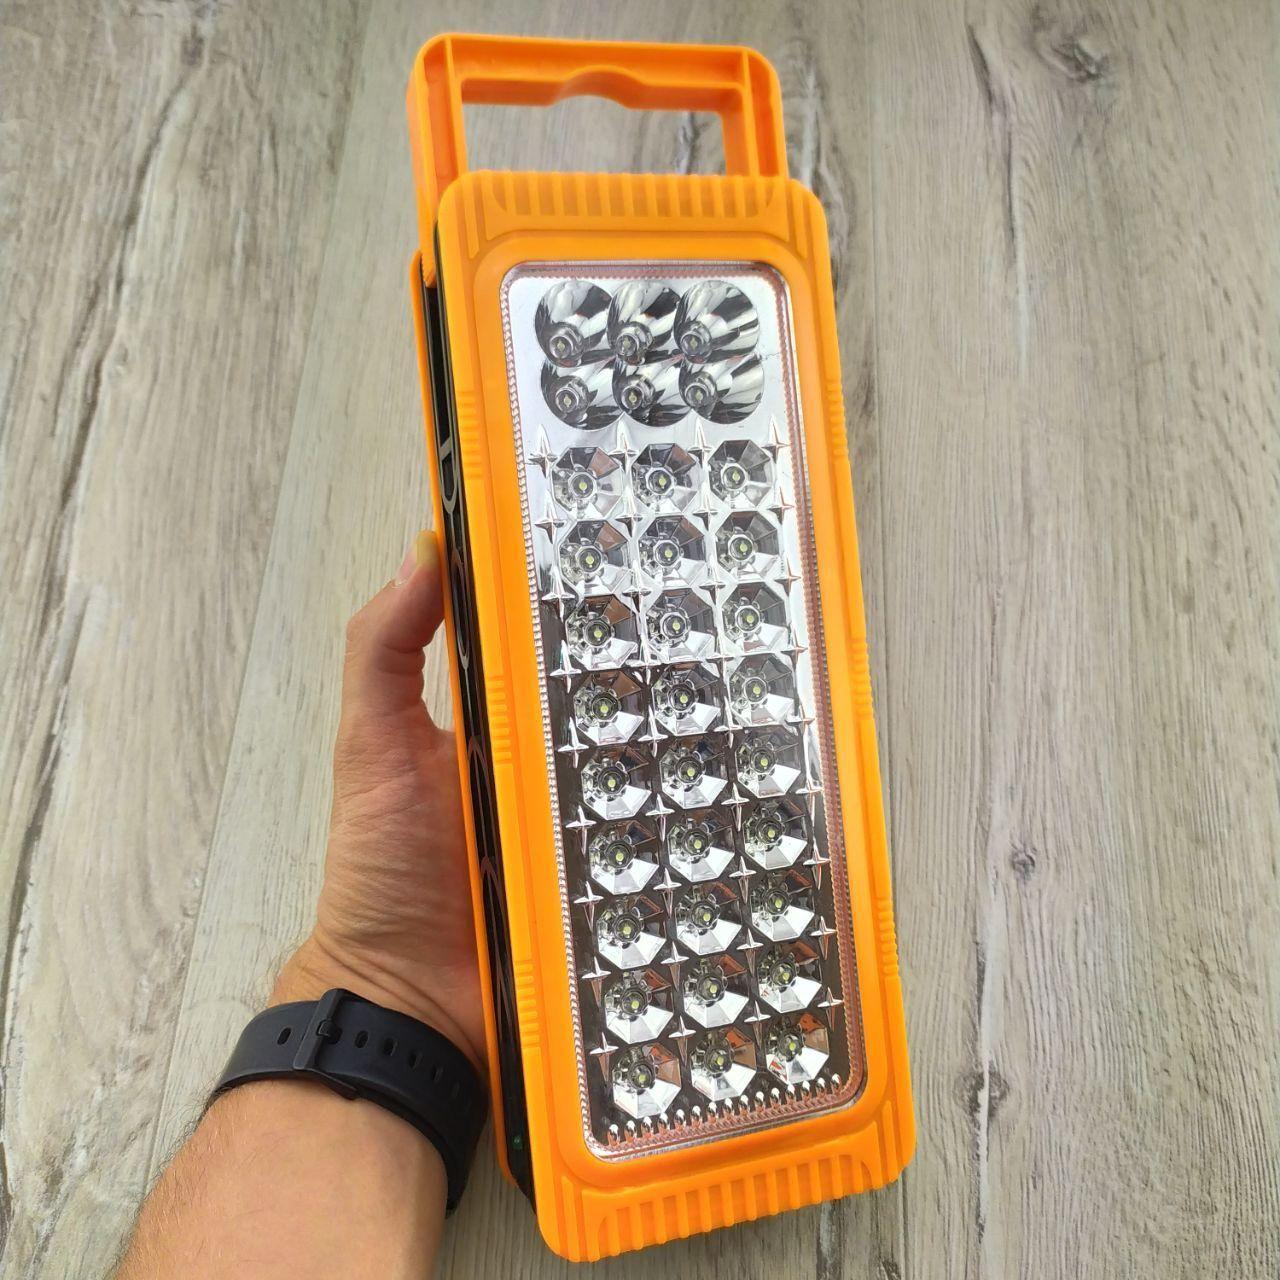 Енергозберігаюча акумуляторна світлодіодна лампа-панель Yajia YJ-6816 Підвісна Ліхтар LED переносна